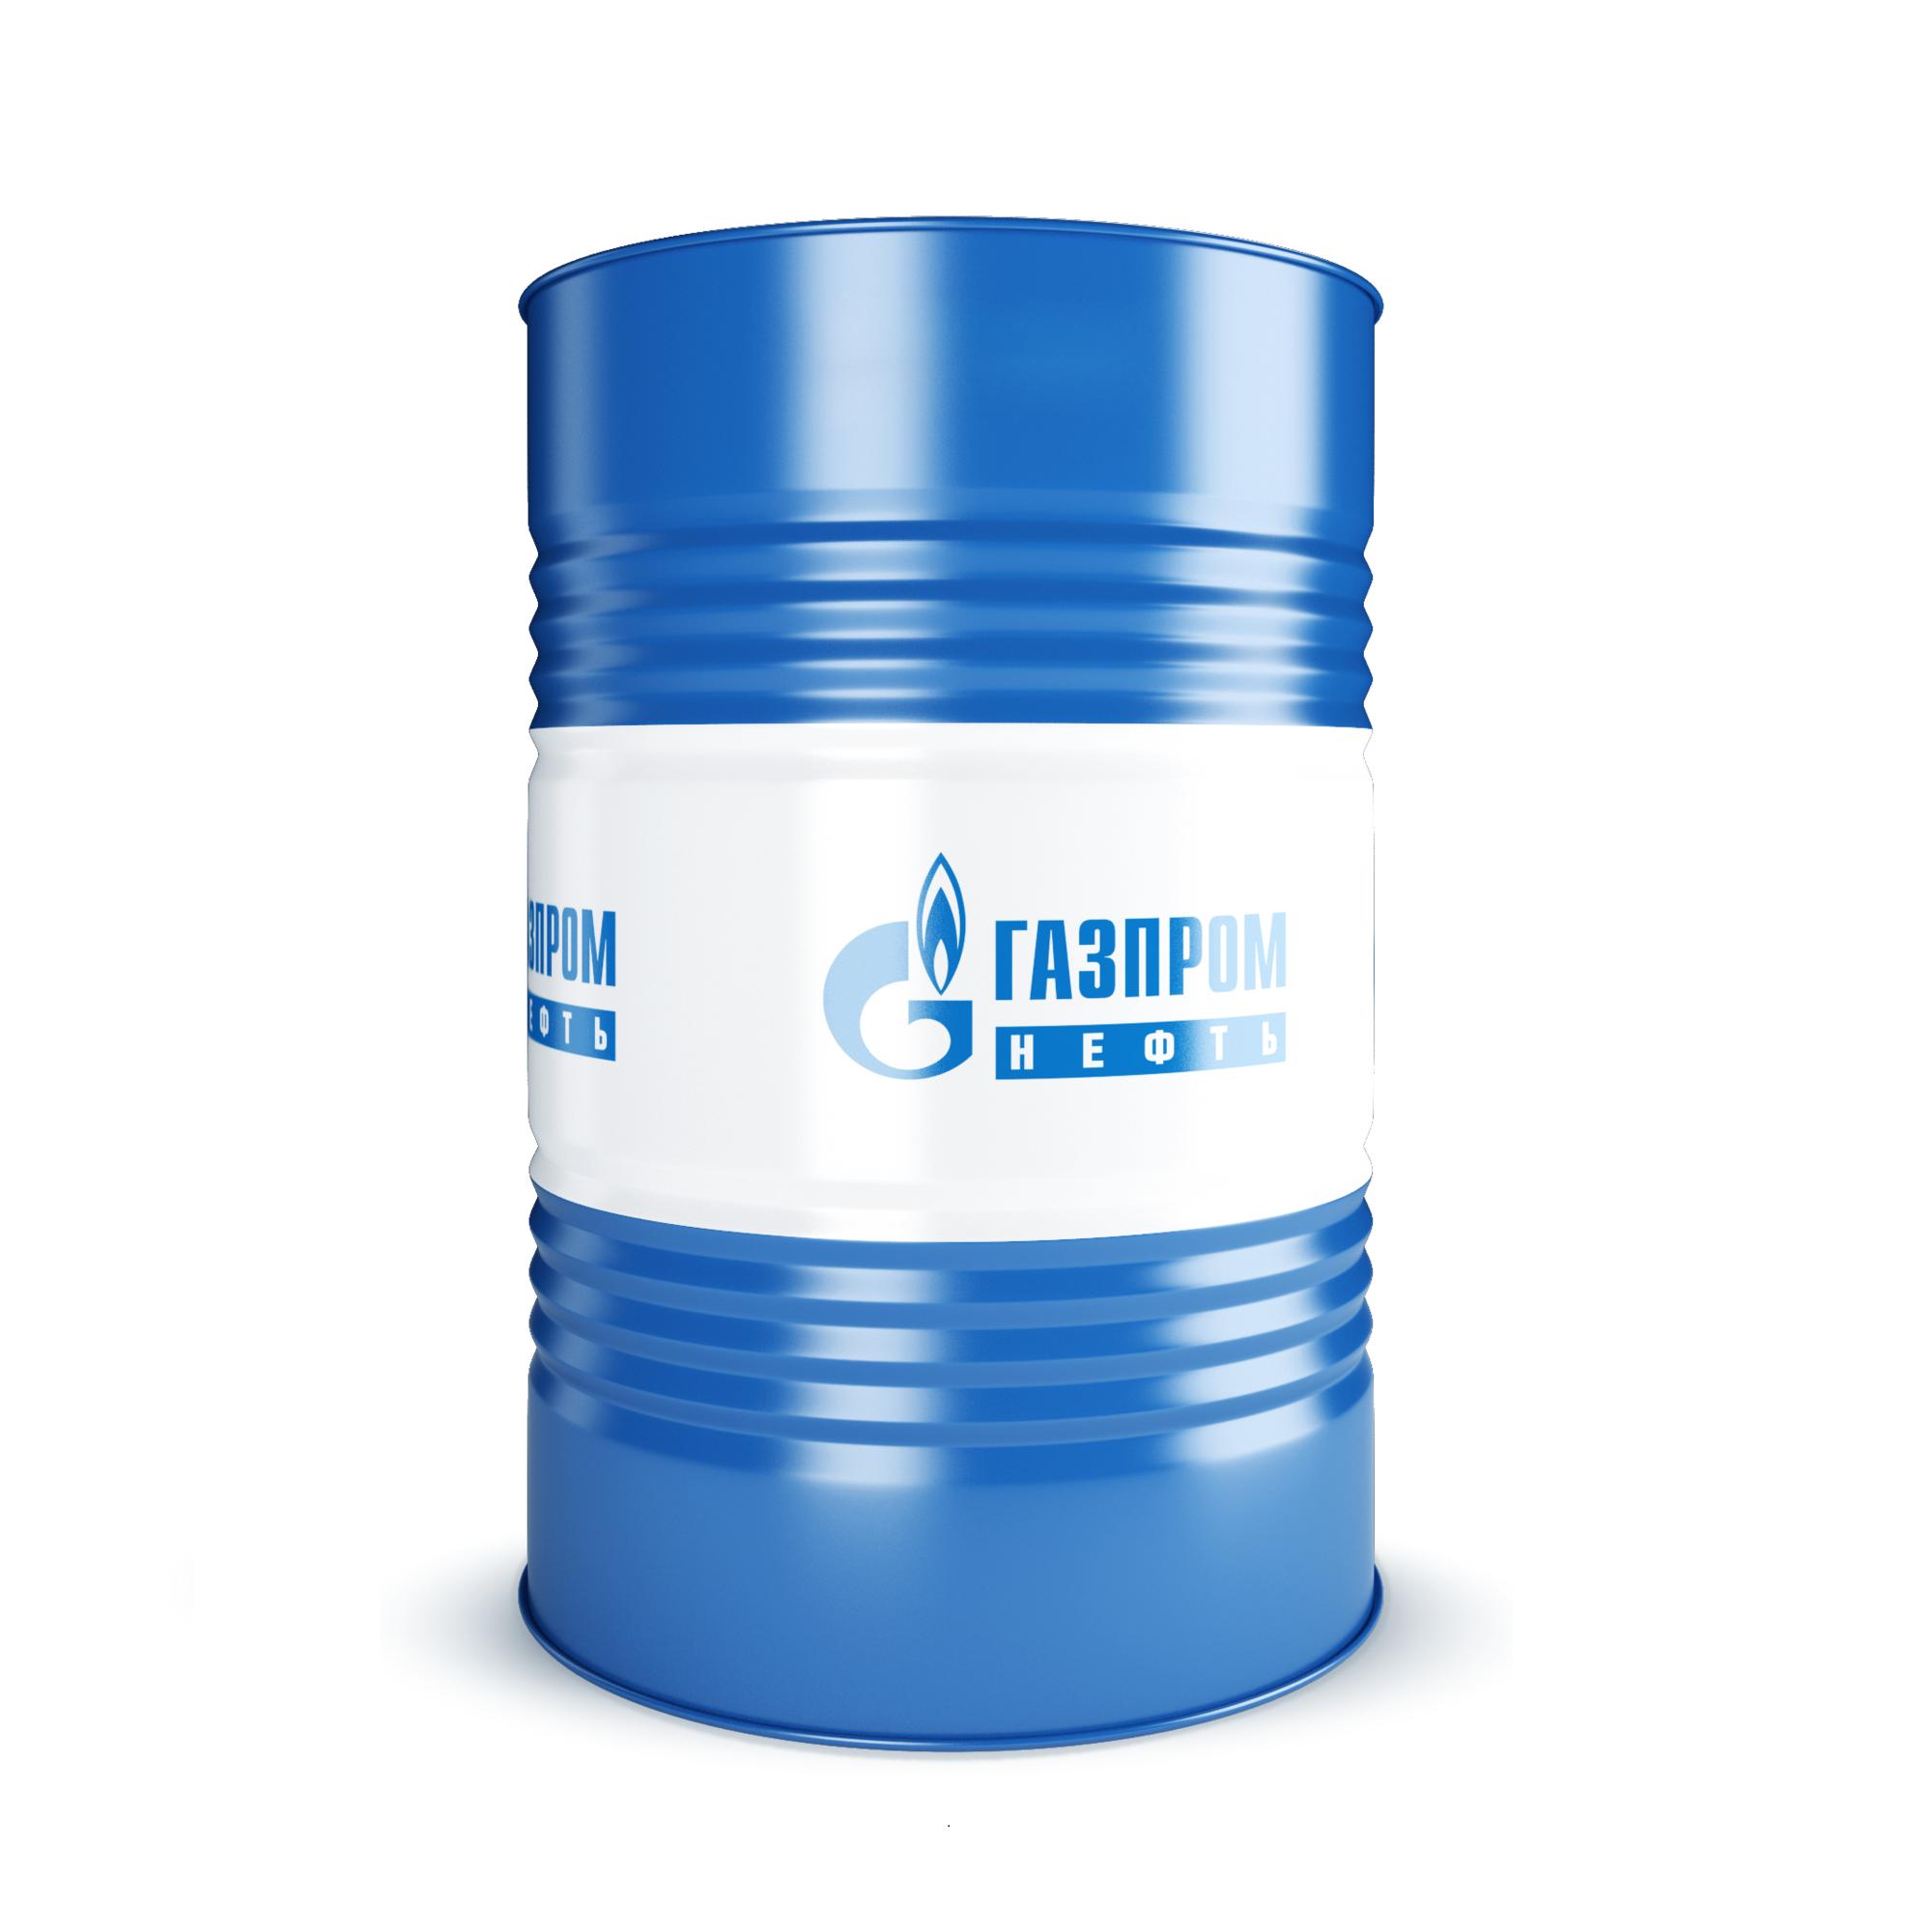 Gazpromneft ВМГЗ - Гидравлическое индустриальное масло